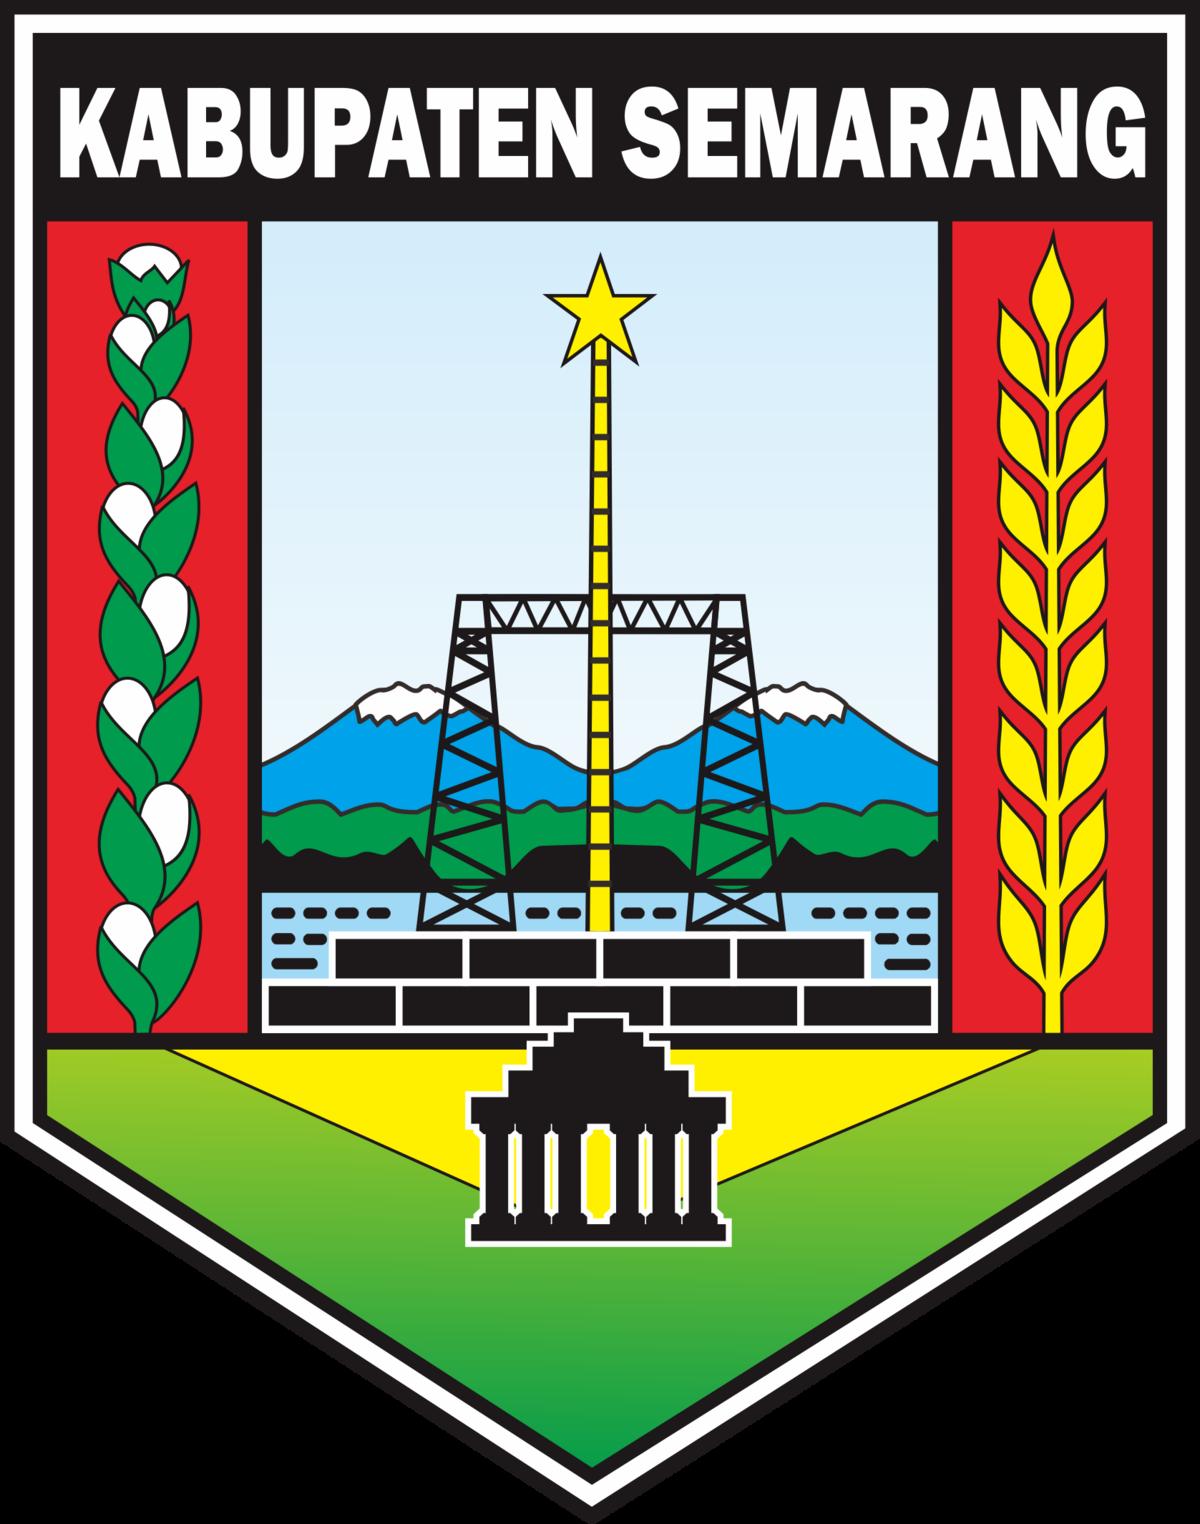 Kabupaten Semarang Wikipedia Bahasa Indonesia Ensiklopedia Bebas Taman Djamoe Kab